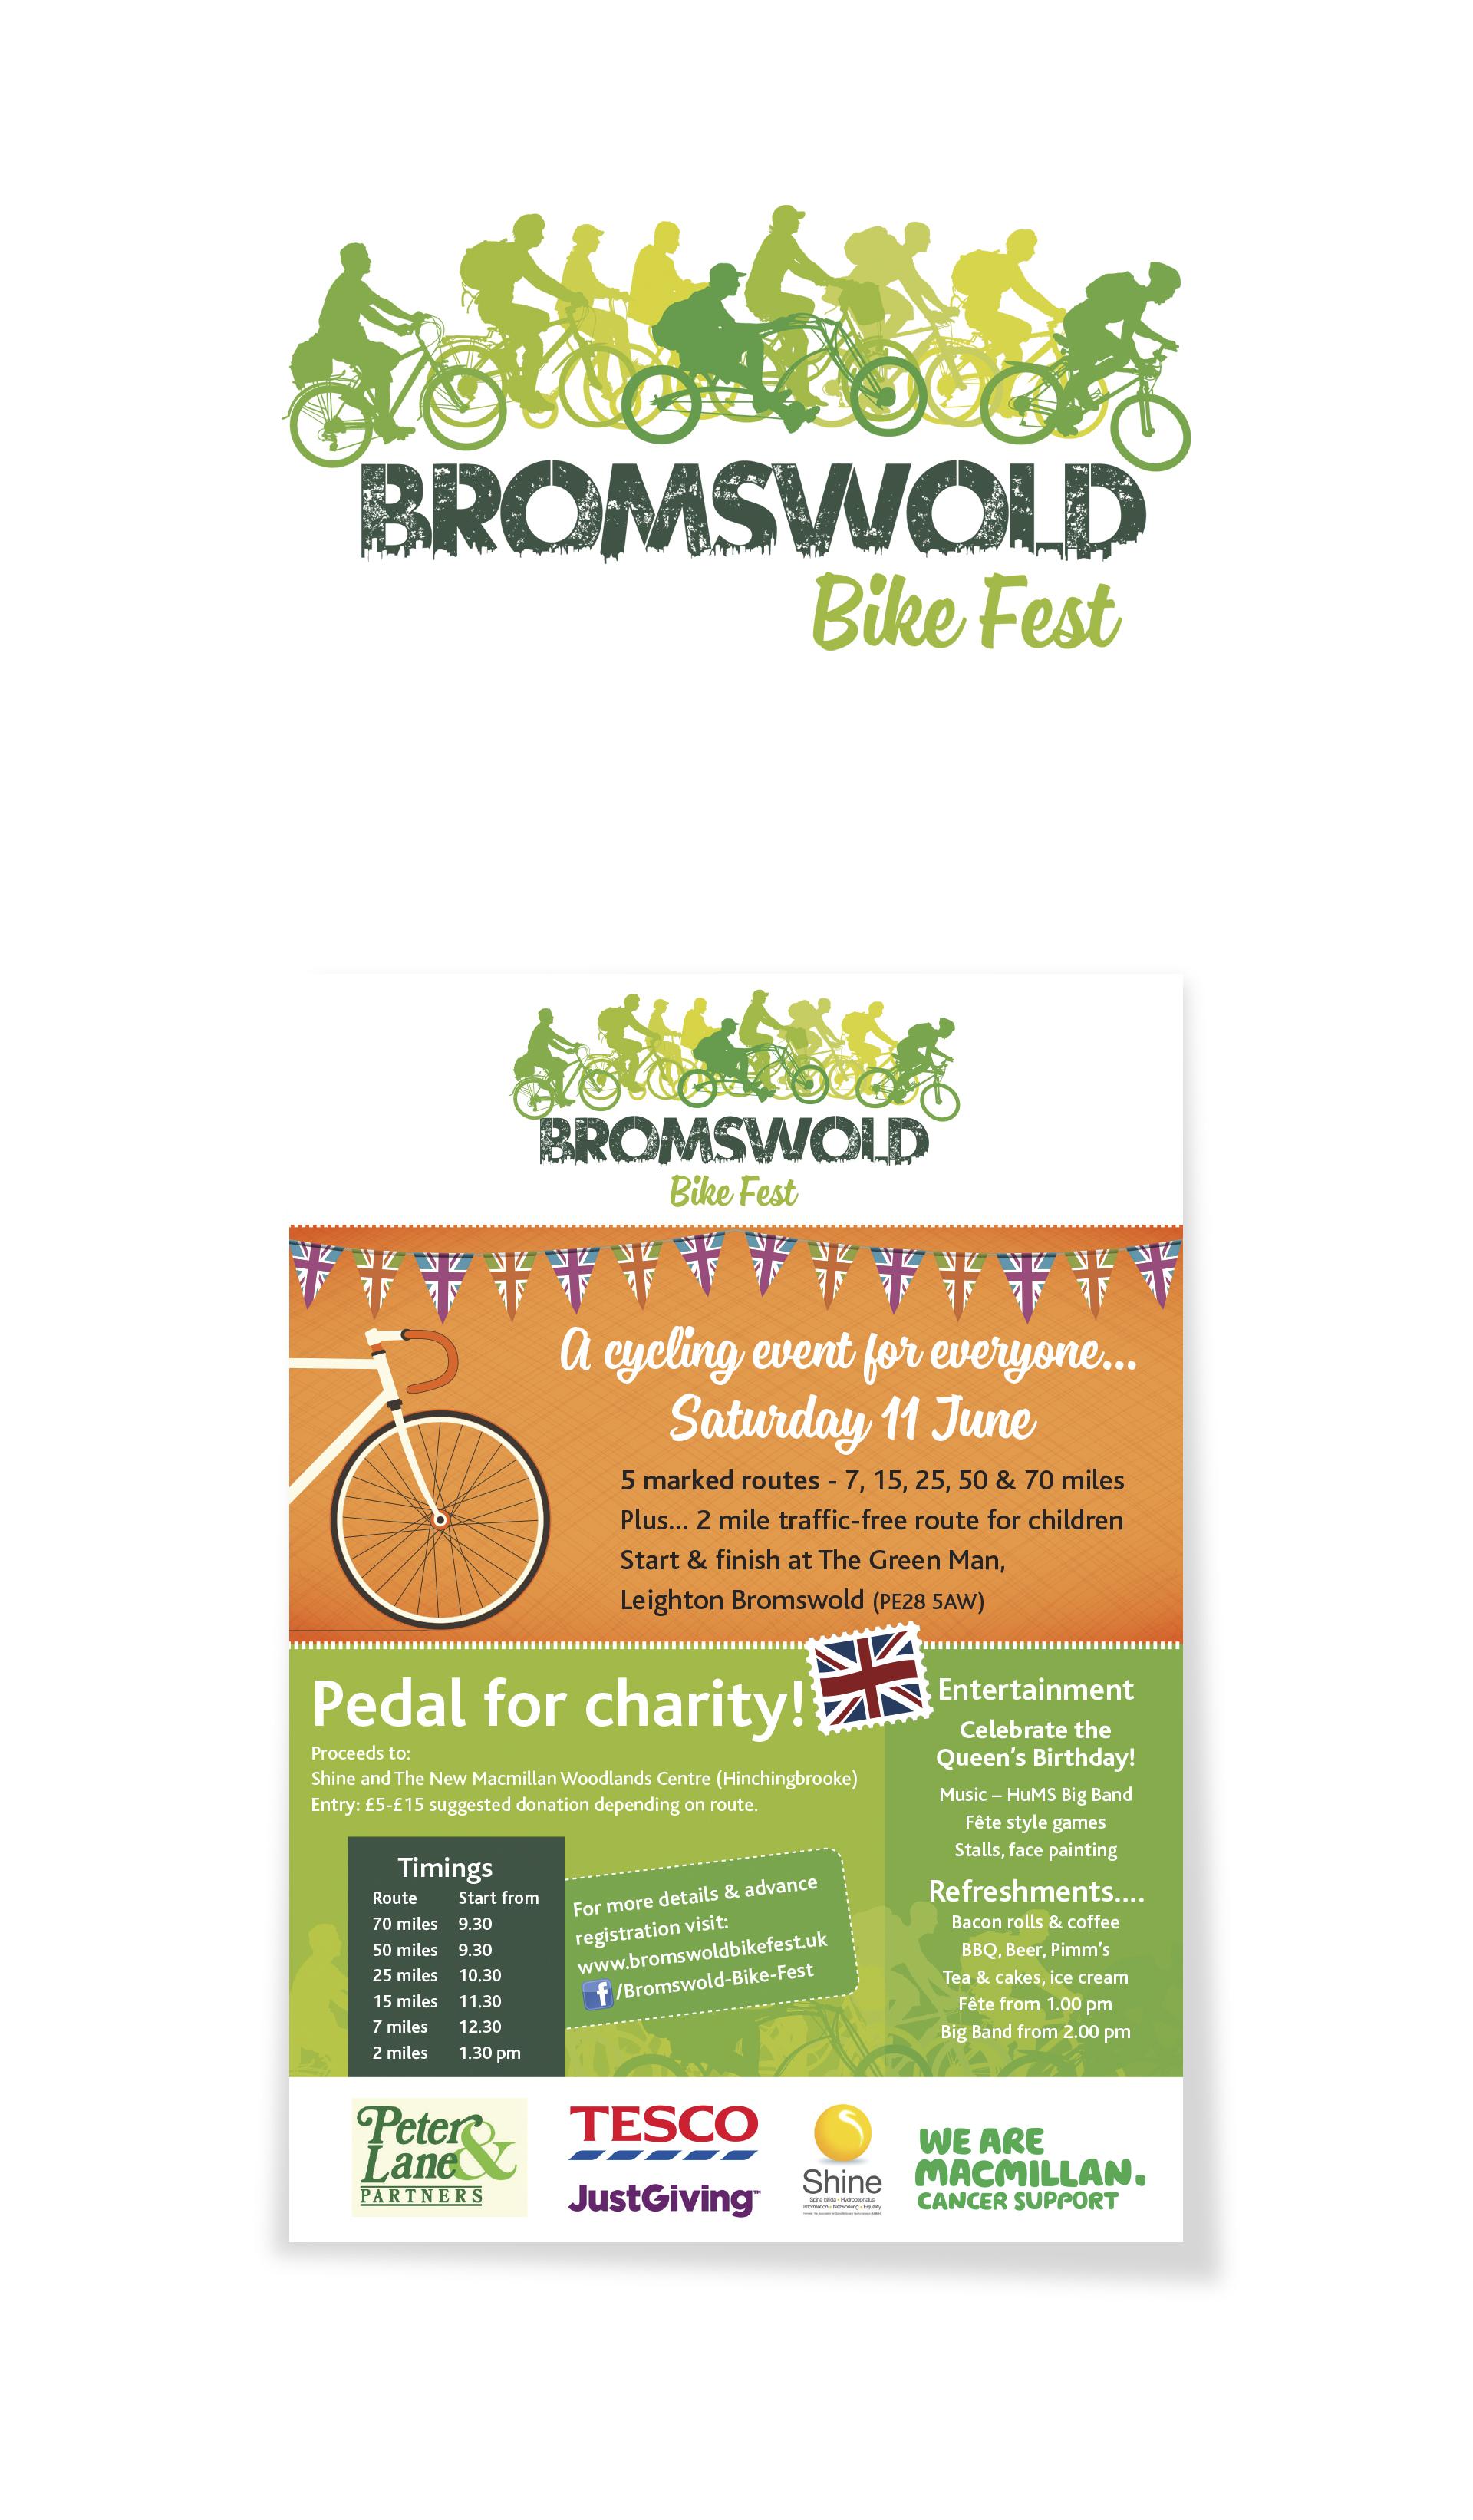 Bromswold Bike Fest